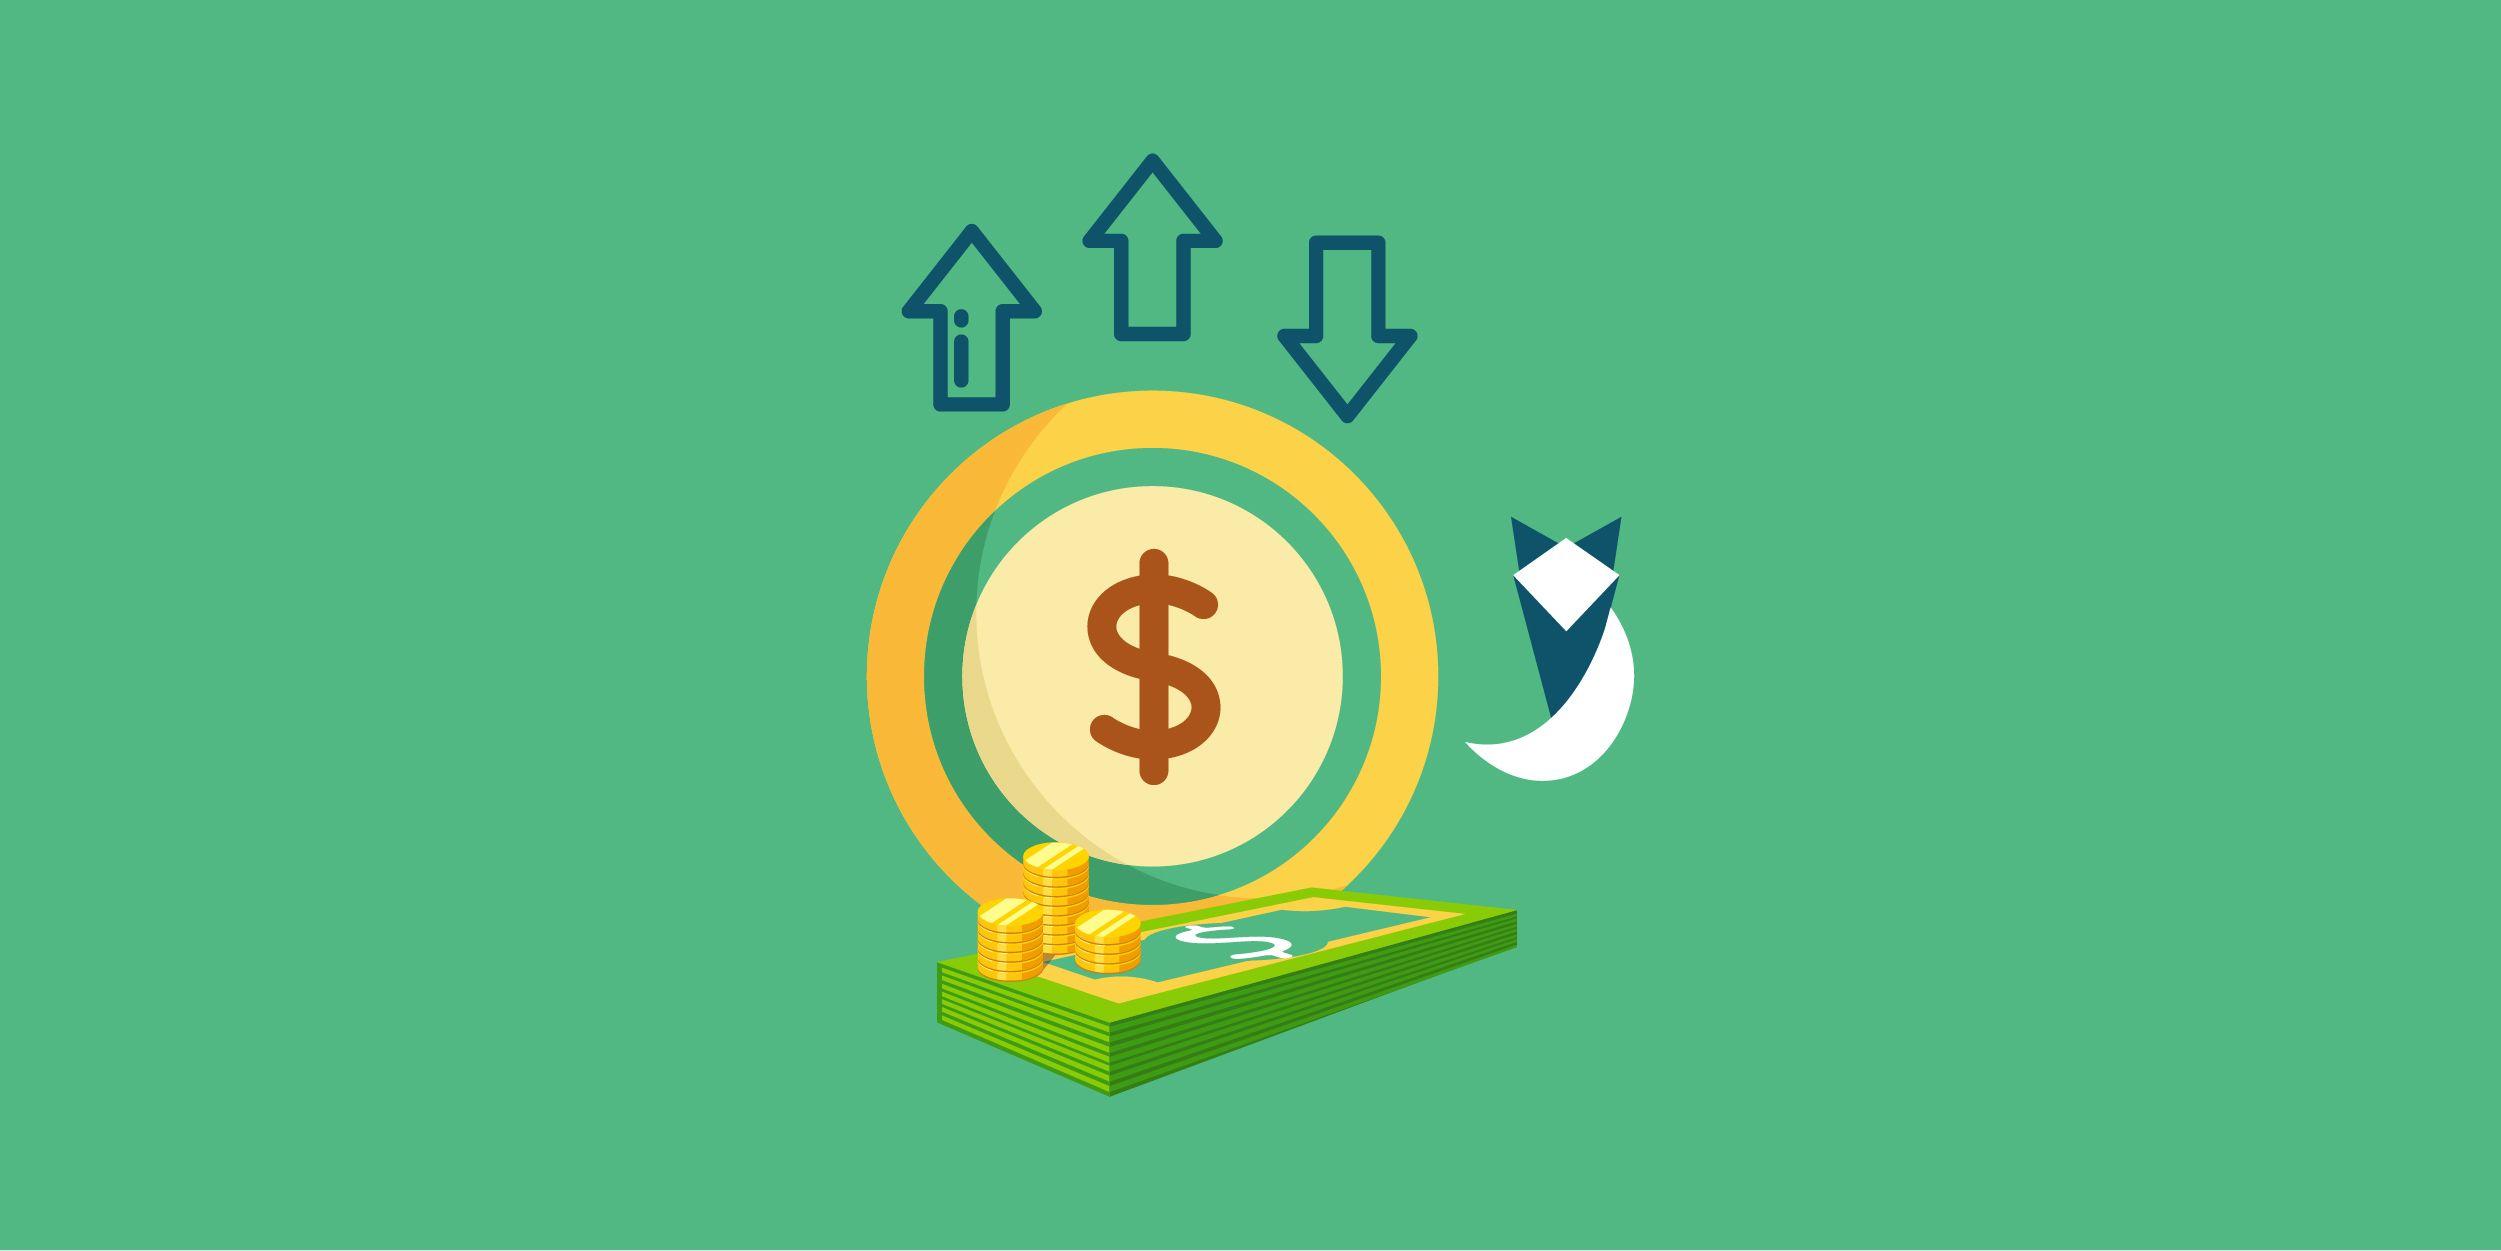 سعر الدولار اليوم فى البنوك المصرية اليوم 2 أغسطس 2021